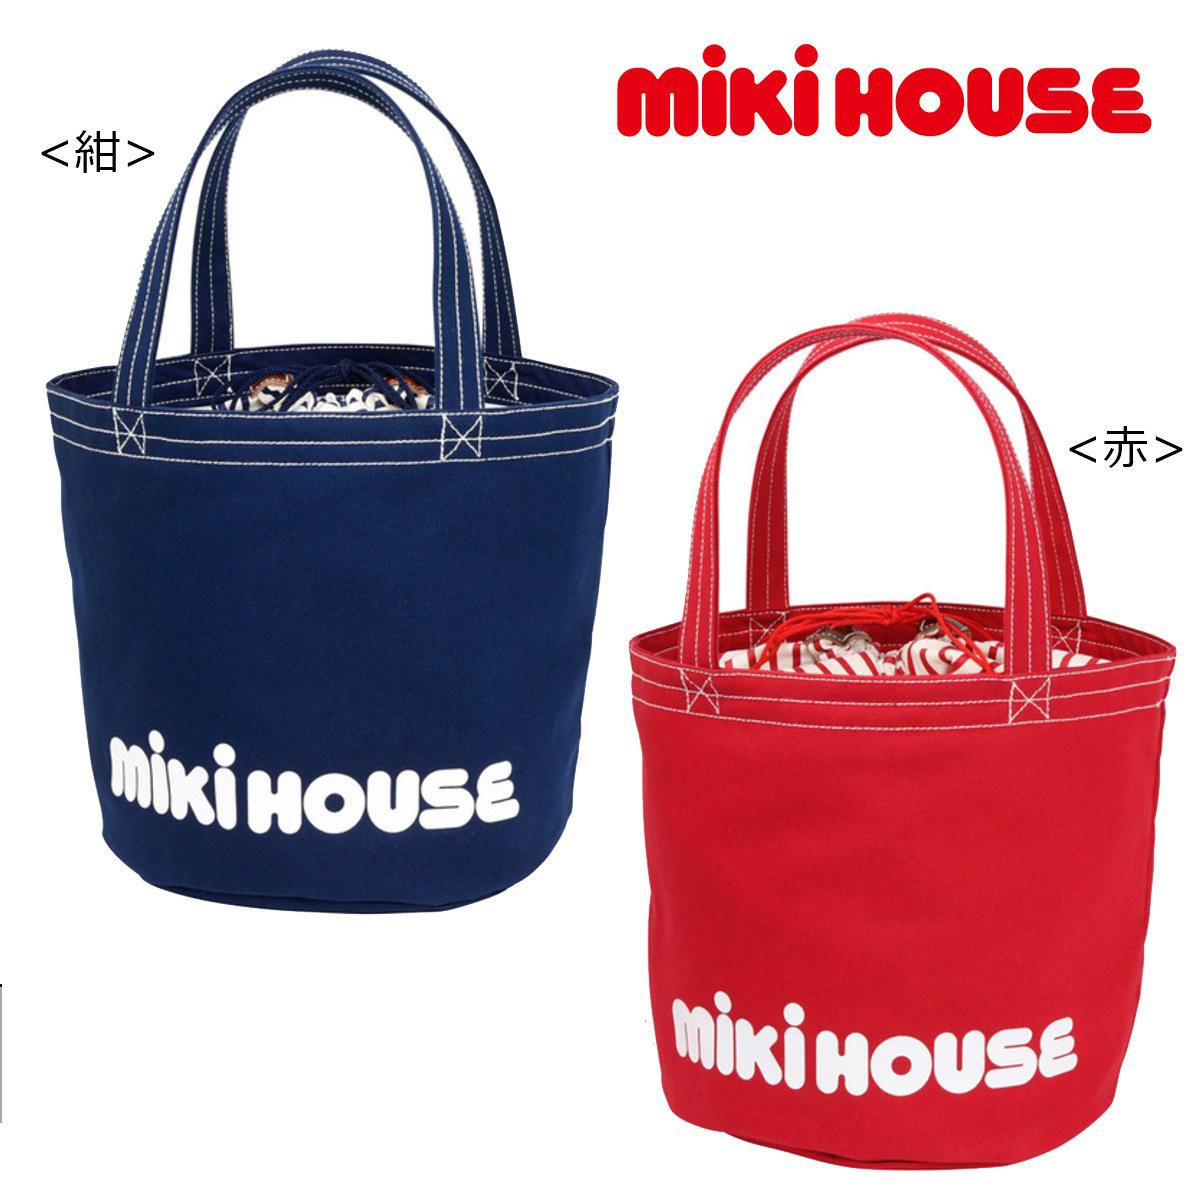 【宅配便便送料無料】【MIKIHOUSE ミキハウス】バケツ型 ロゴトートバッグ(ママバッグ)